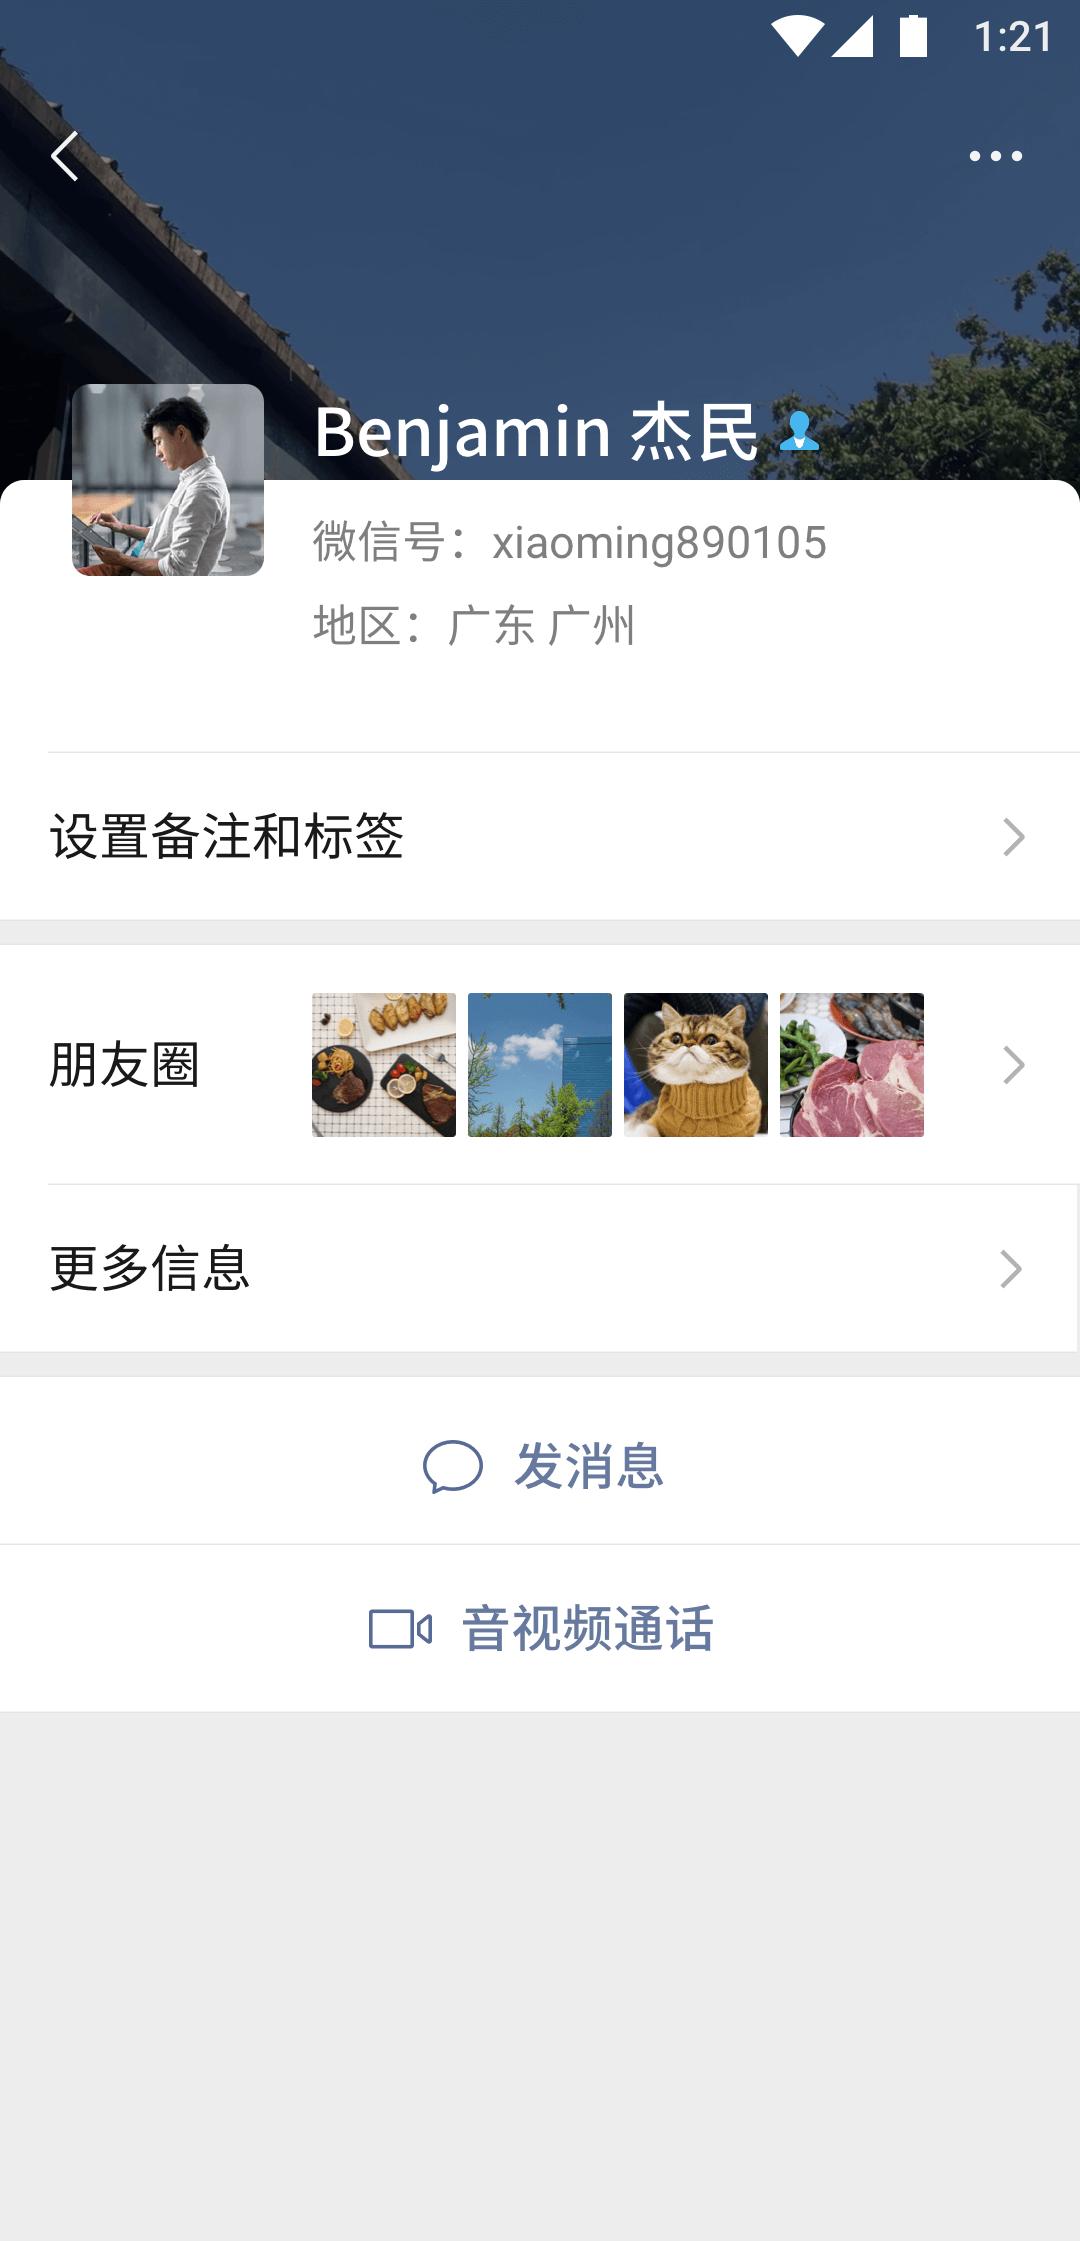 微信7.0